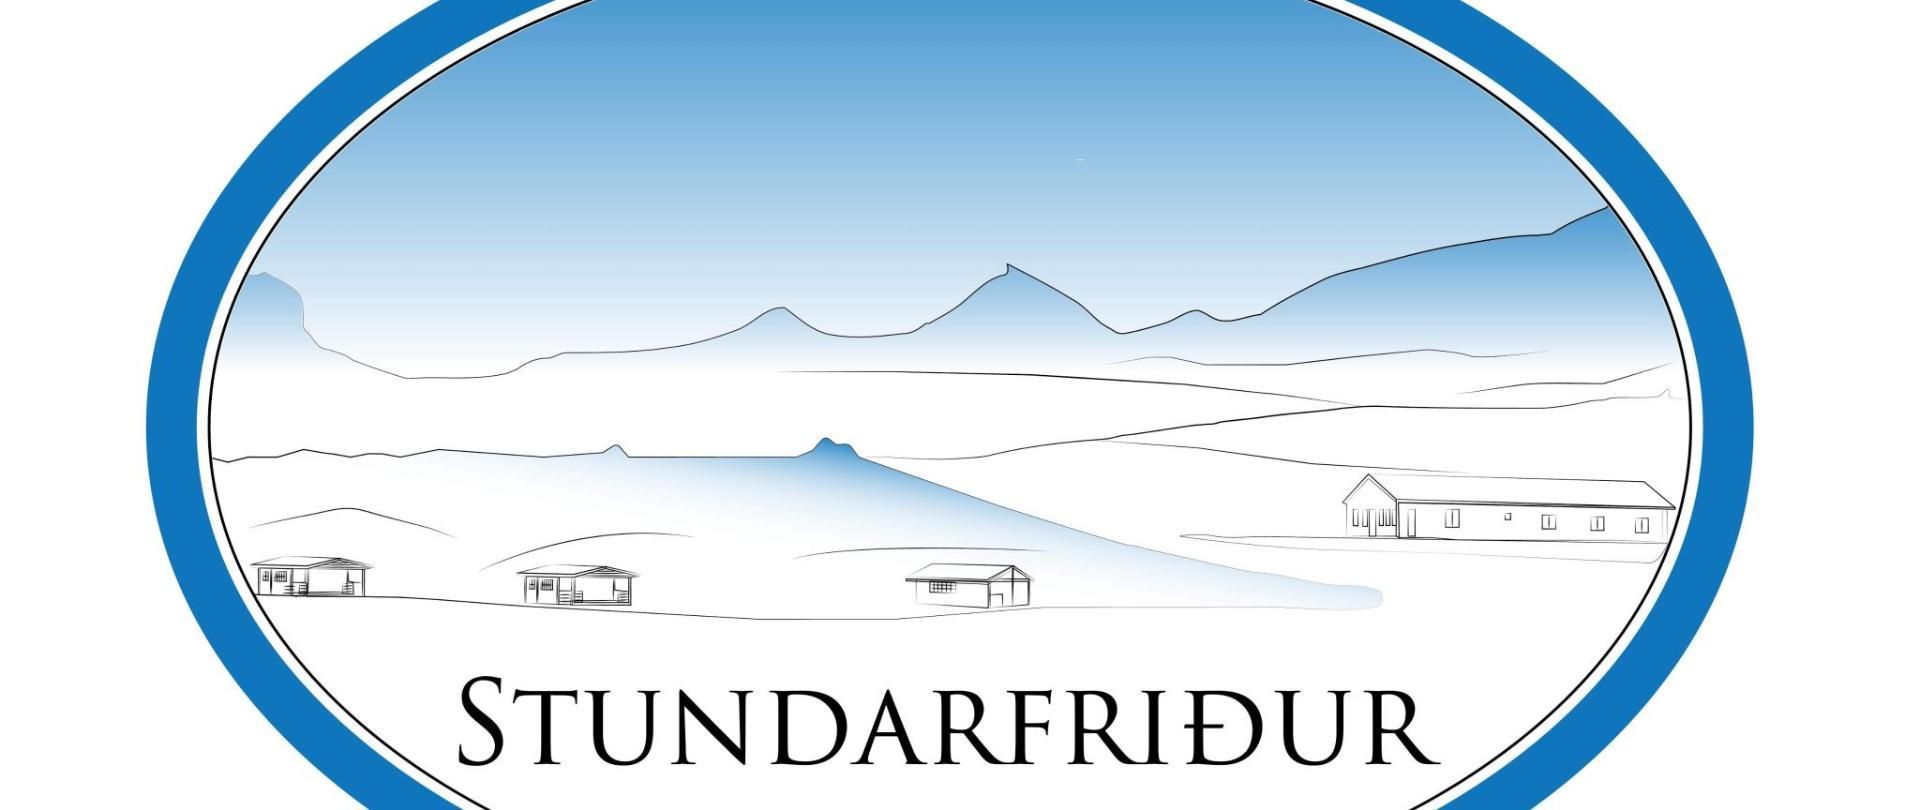 logo-stundarfridur-02.jpg